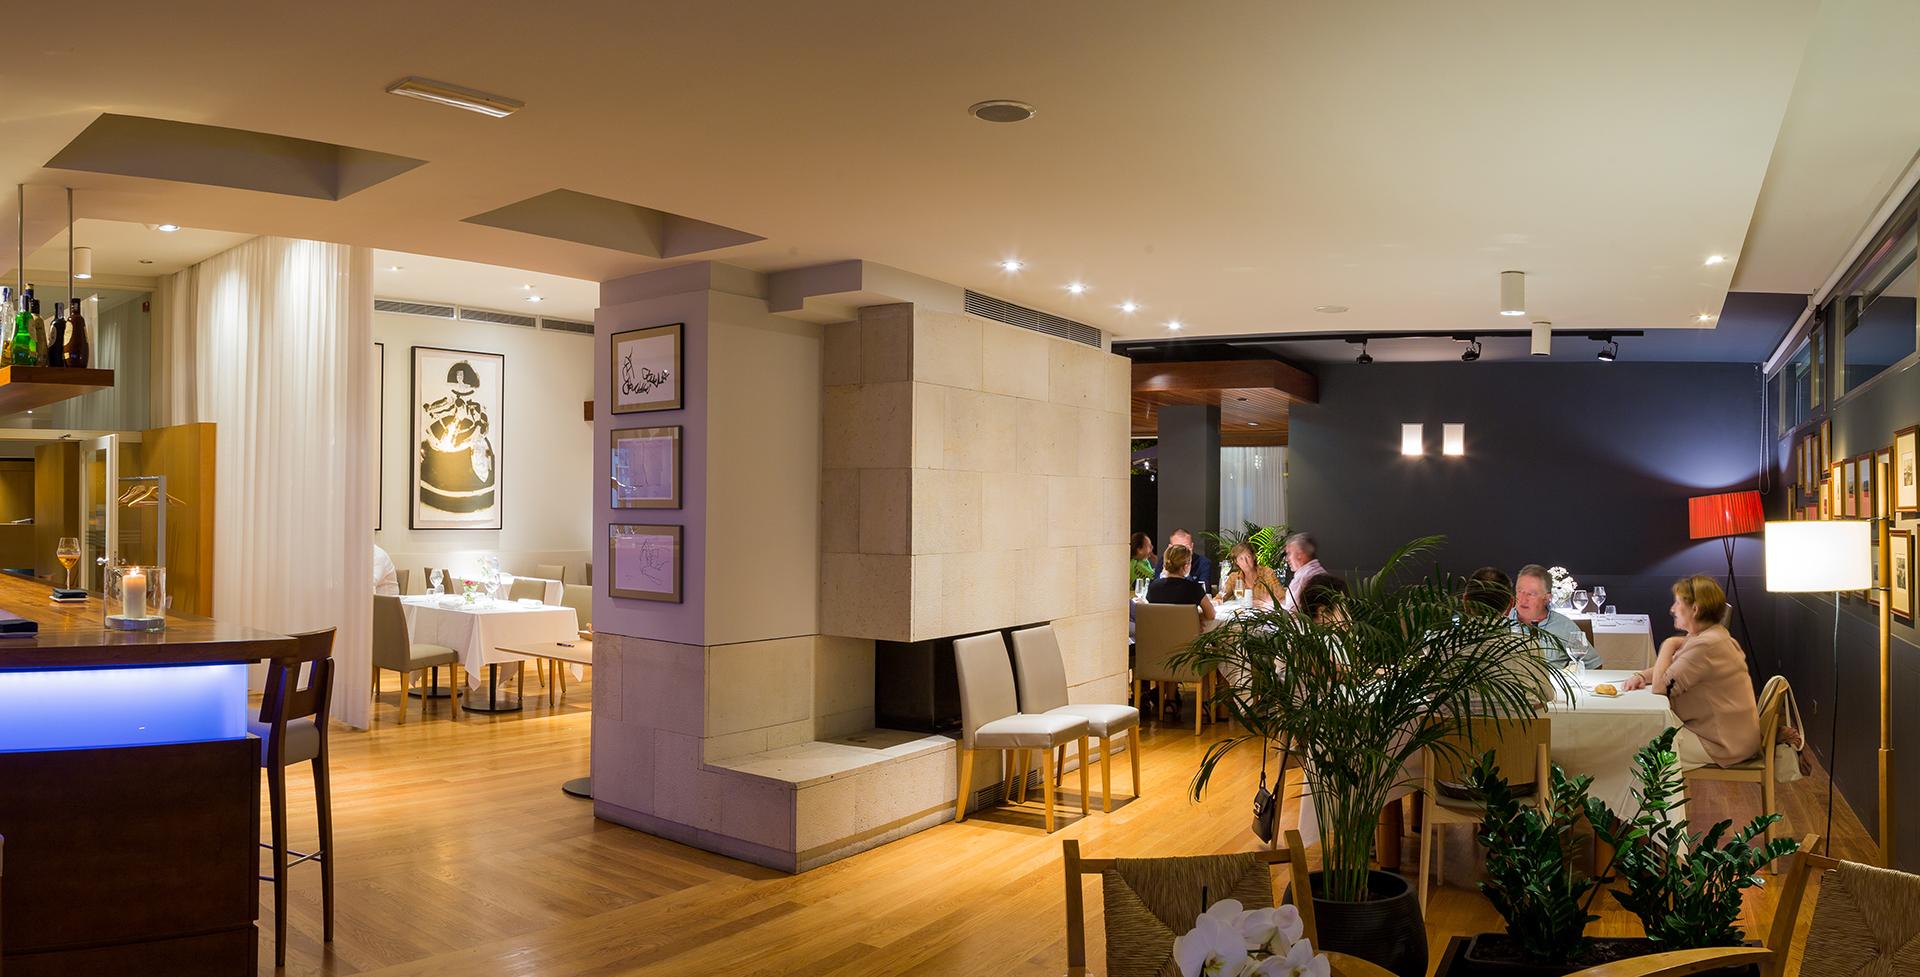 Restaurante Jaizkibel, Hotel Jaizkibel de Hondarribia